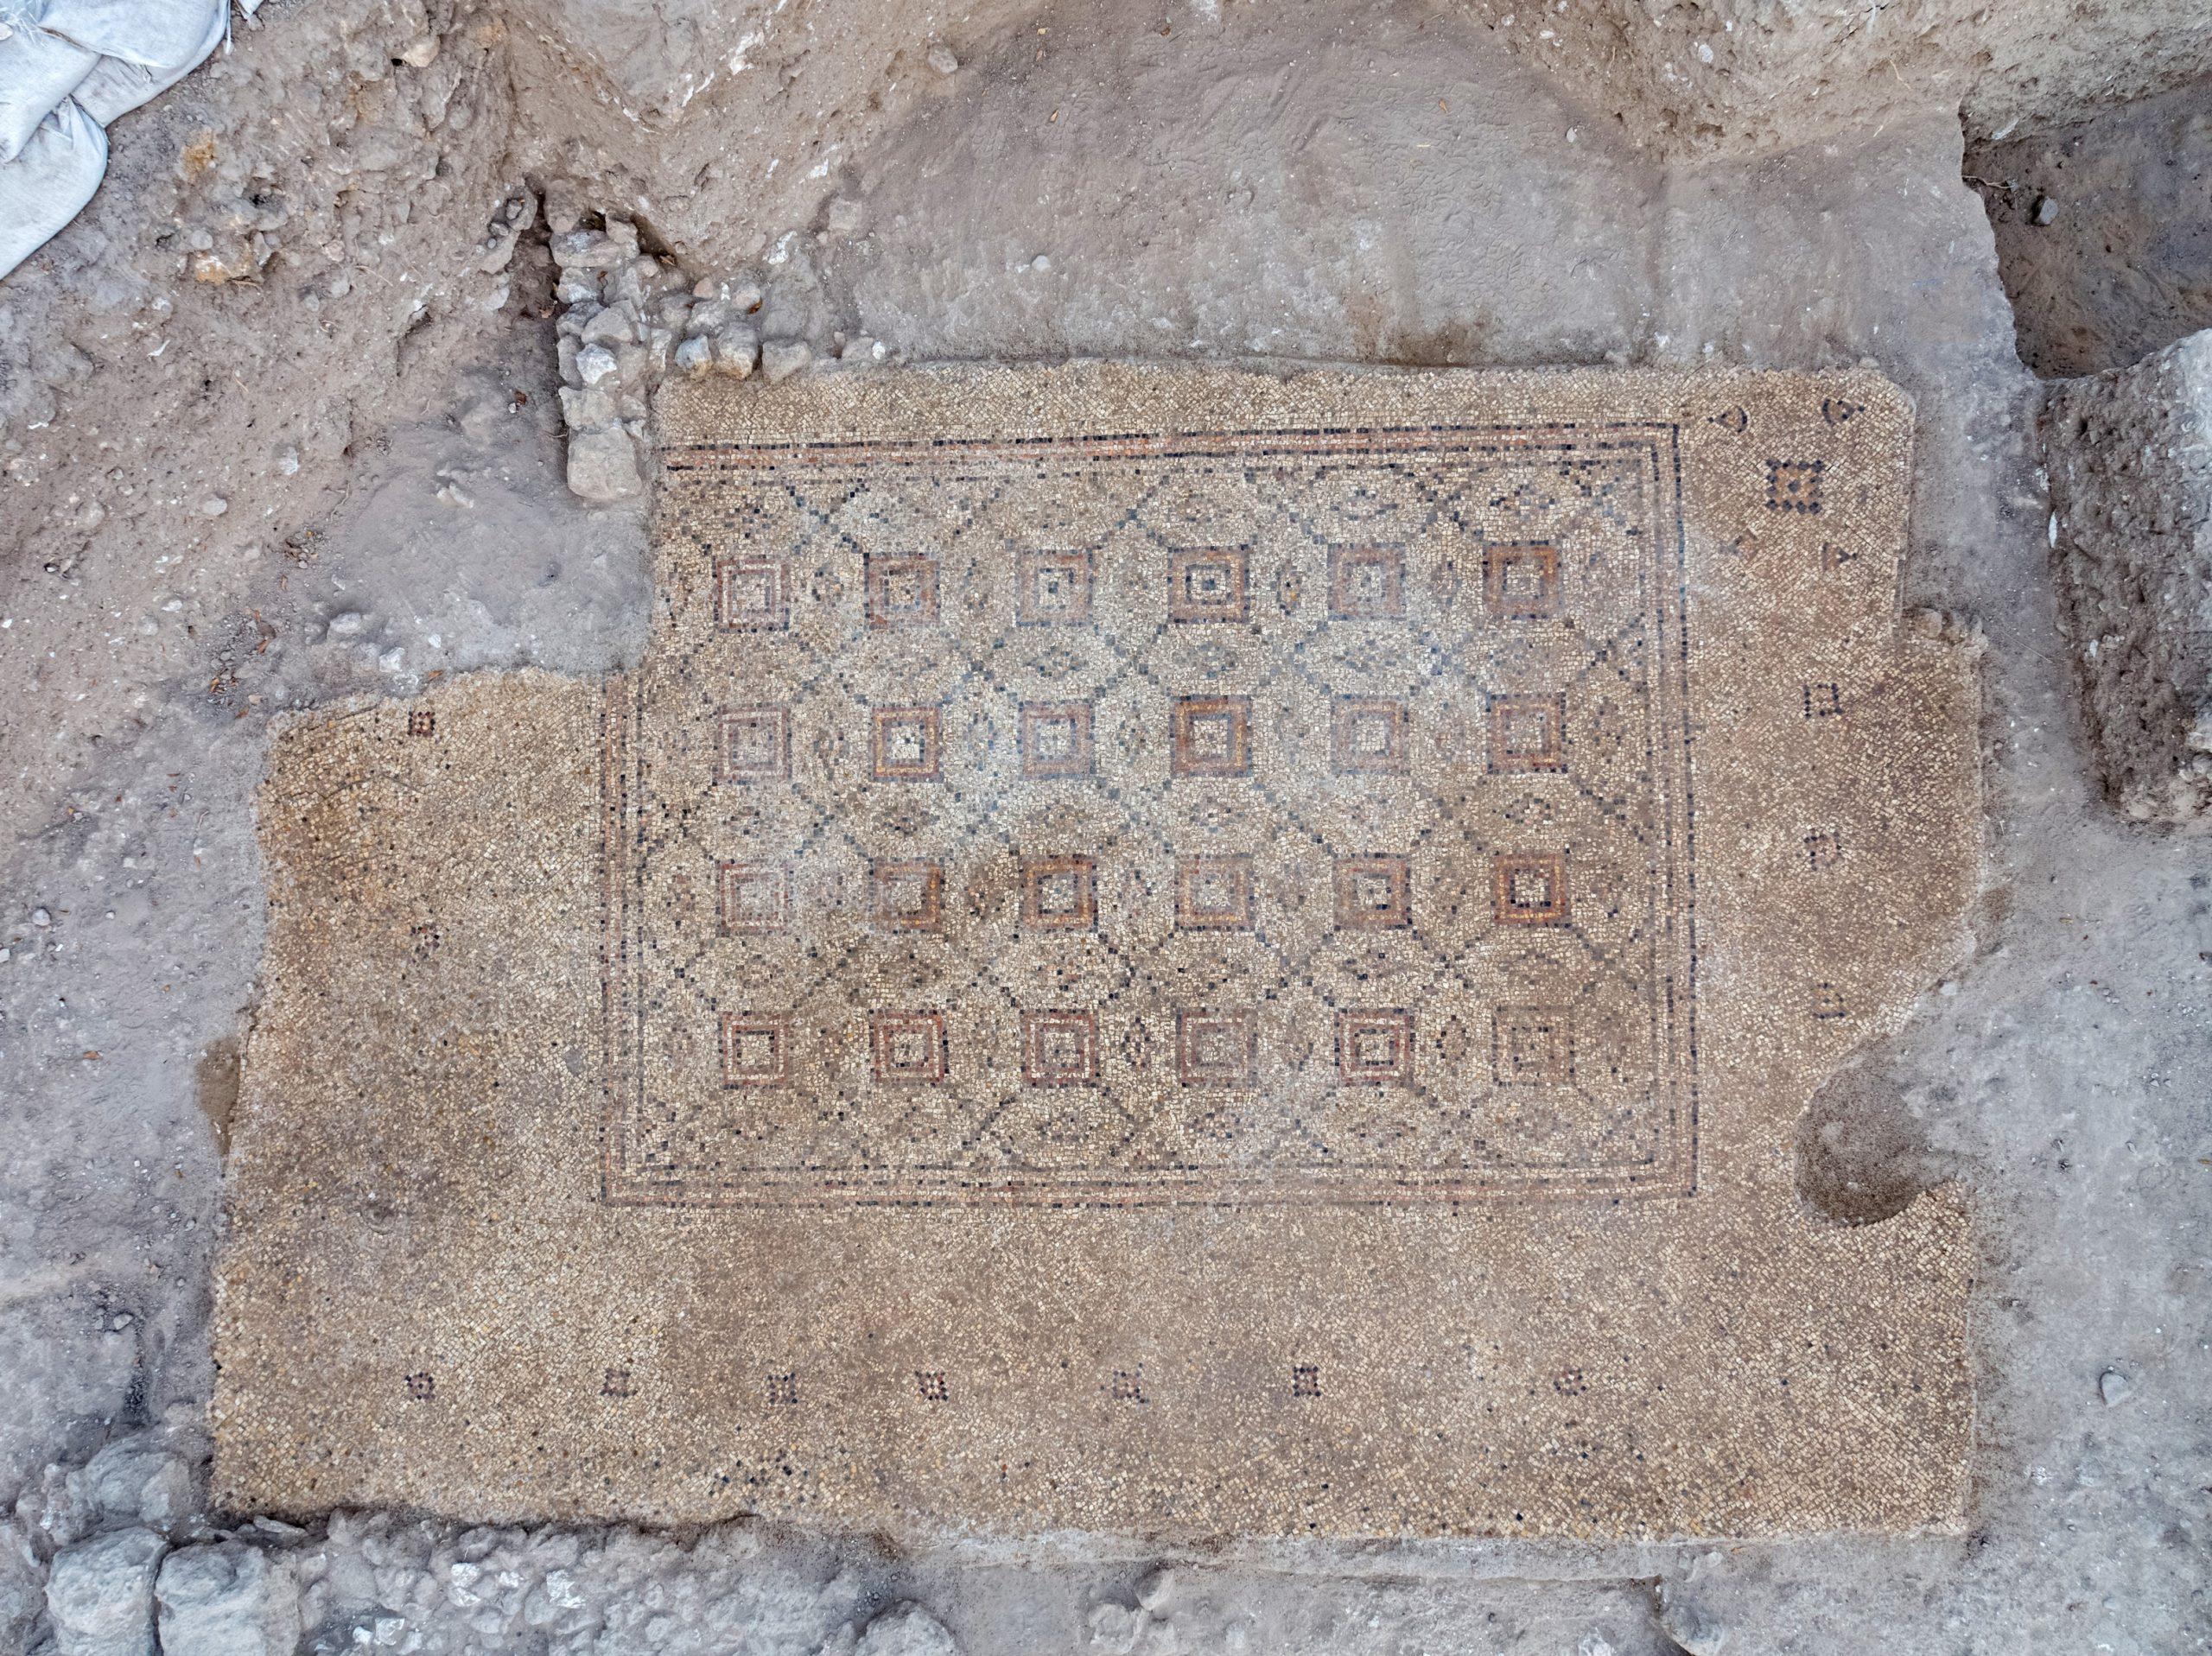 Византийская мозаика в Явне. Фото Ассаф Перец. Предоставлено Управлением древностей Израиля